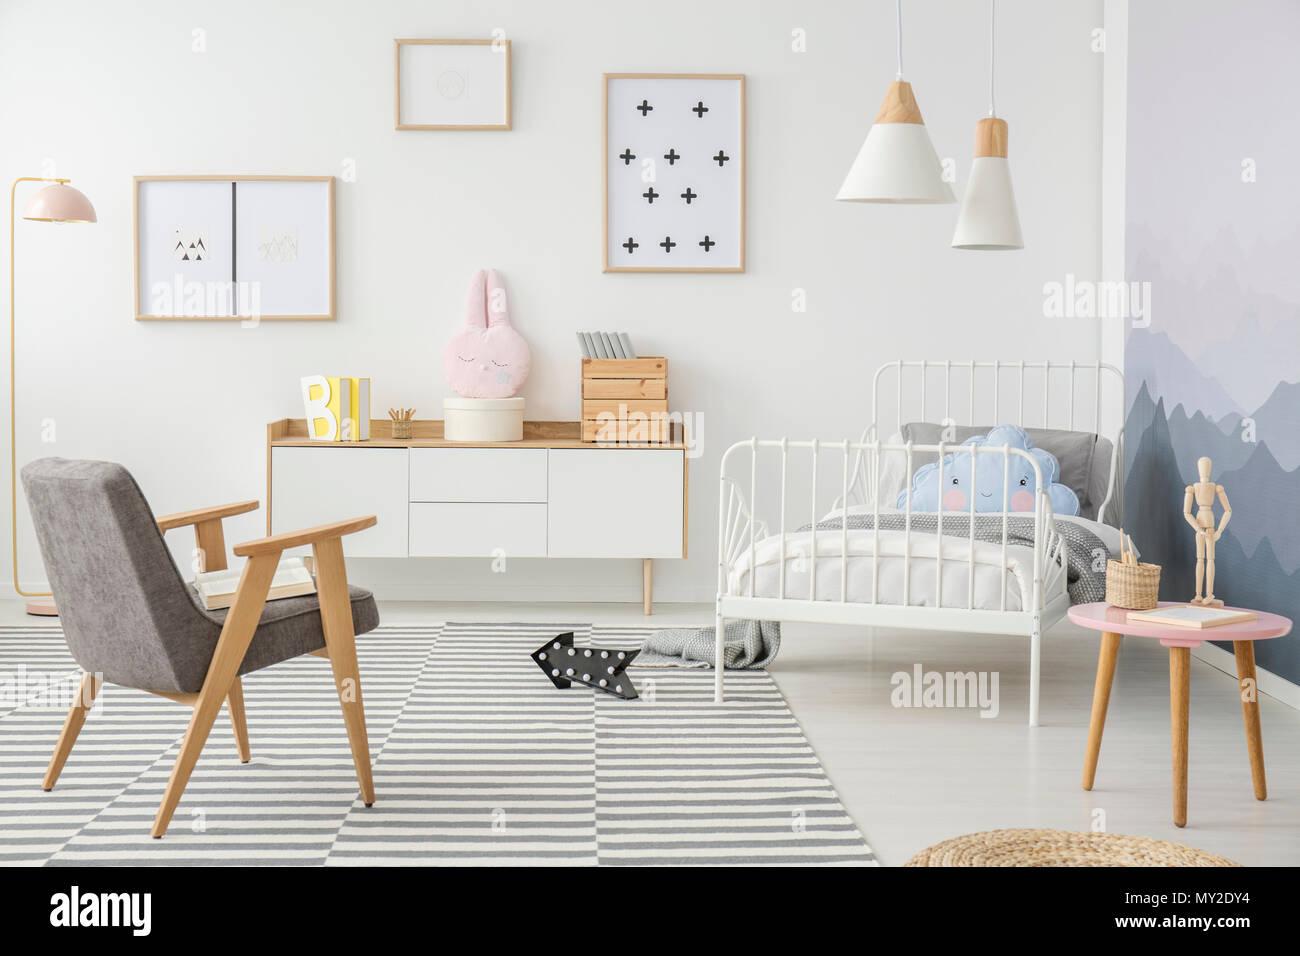 Rosa und Grau Holz Sessel in Girl\'s Schlafzimmer Innenraum mit ...